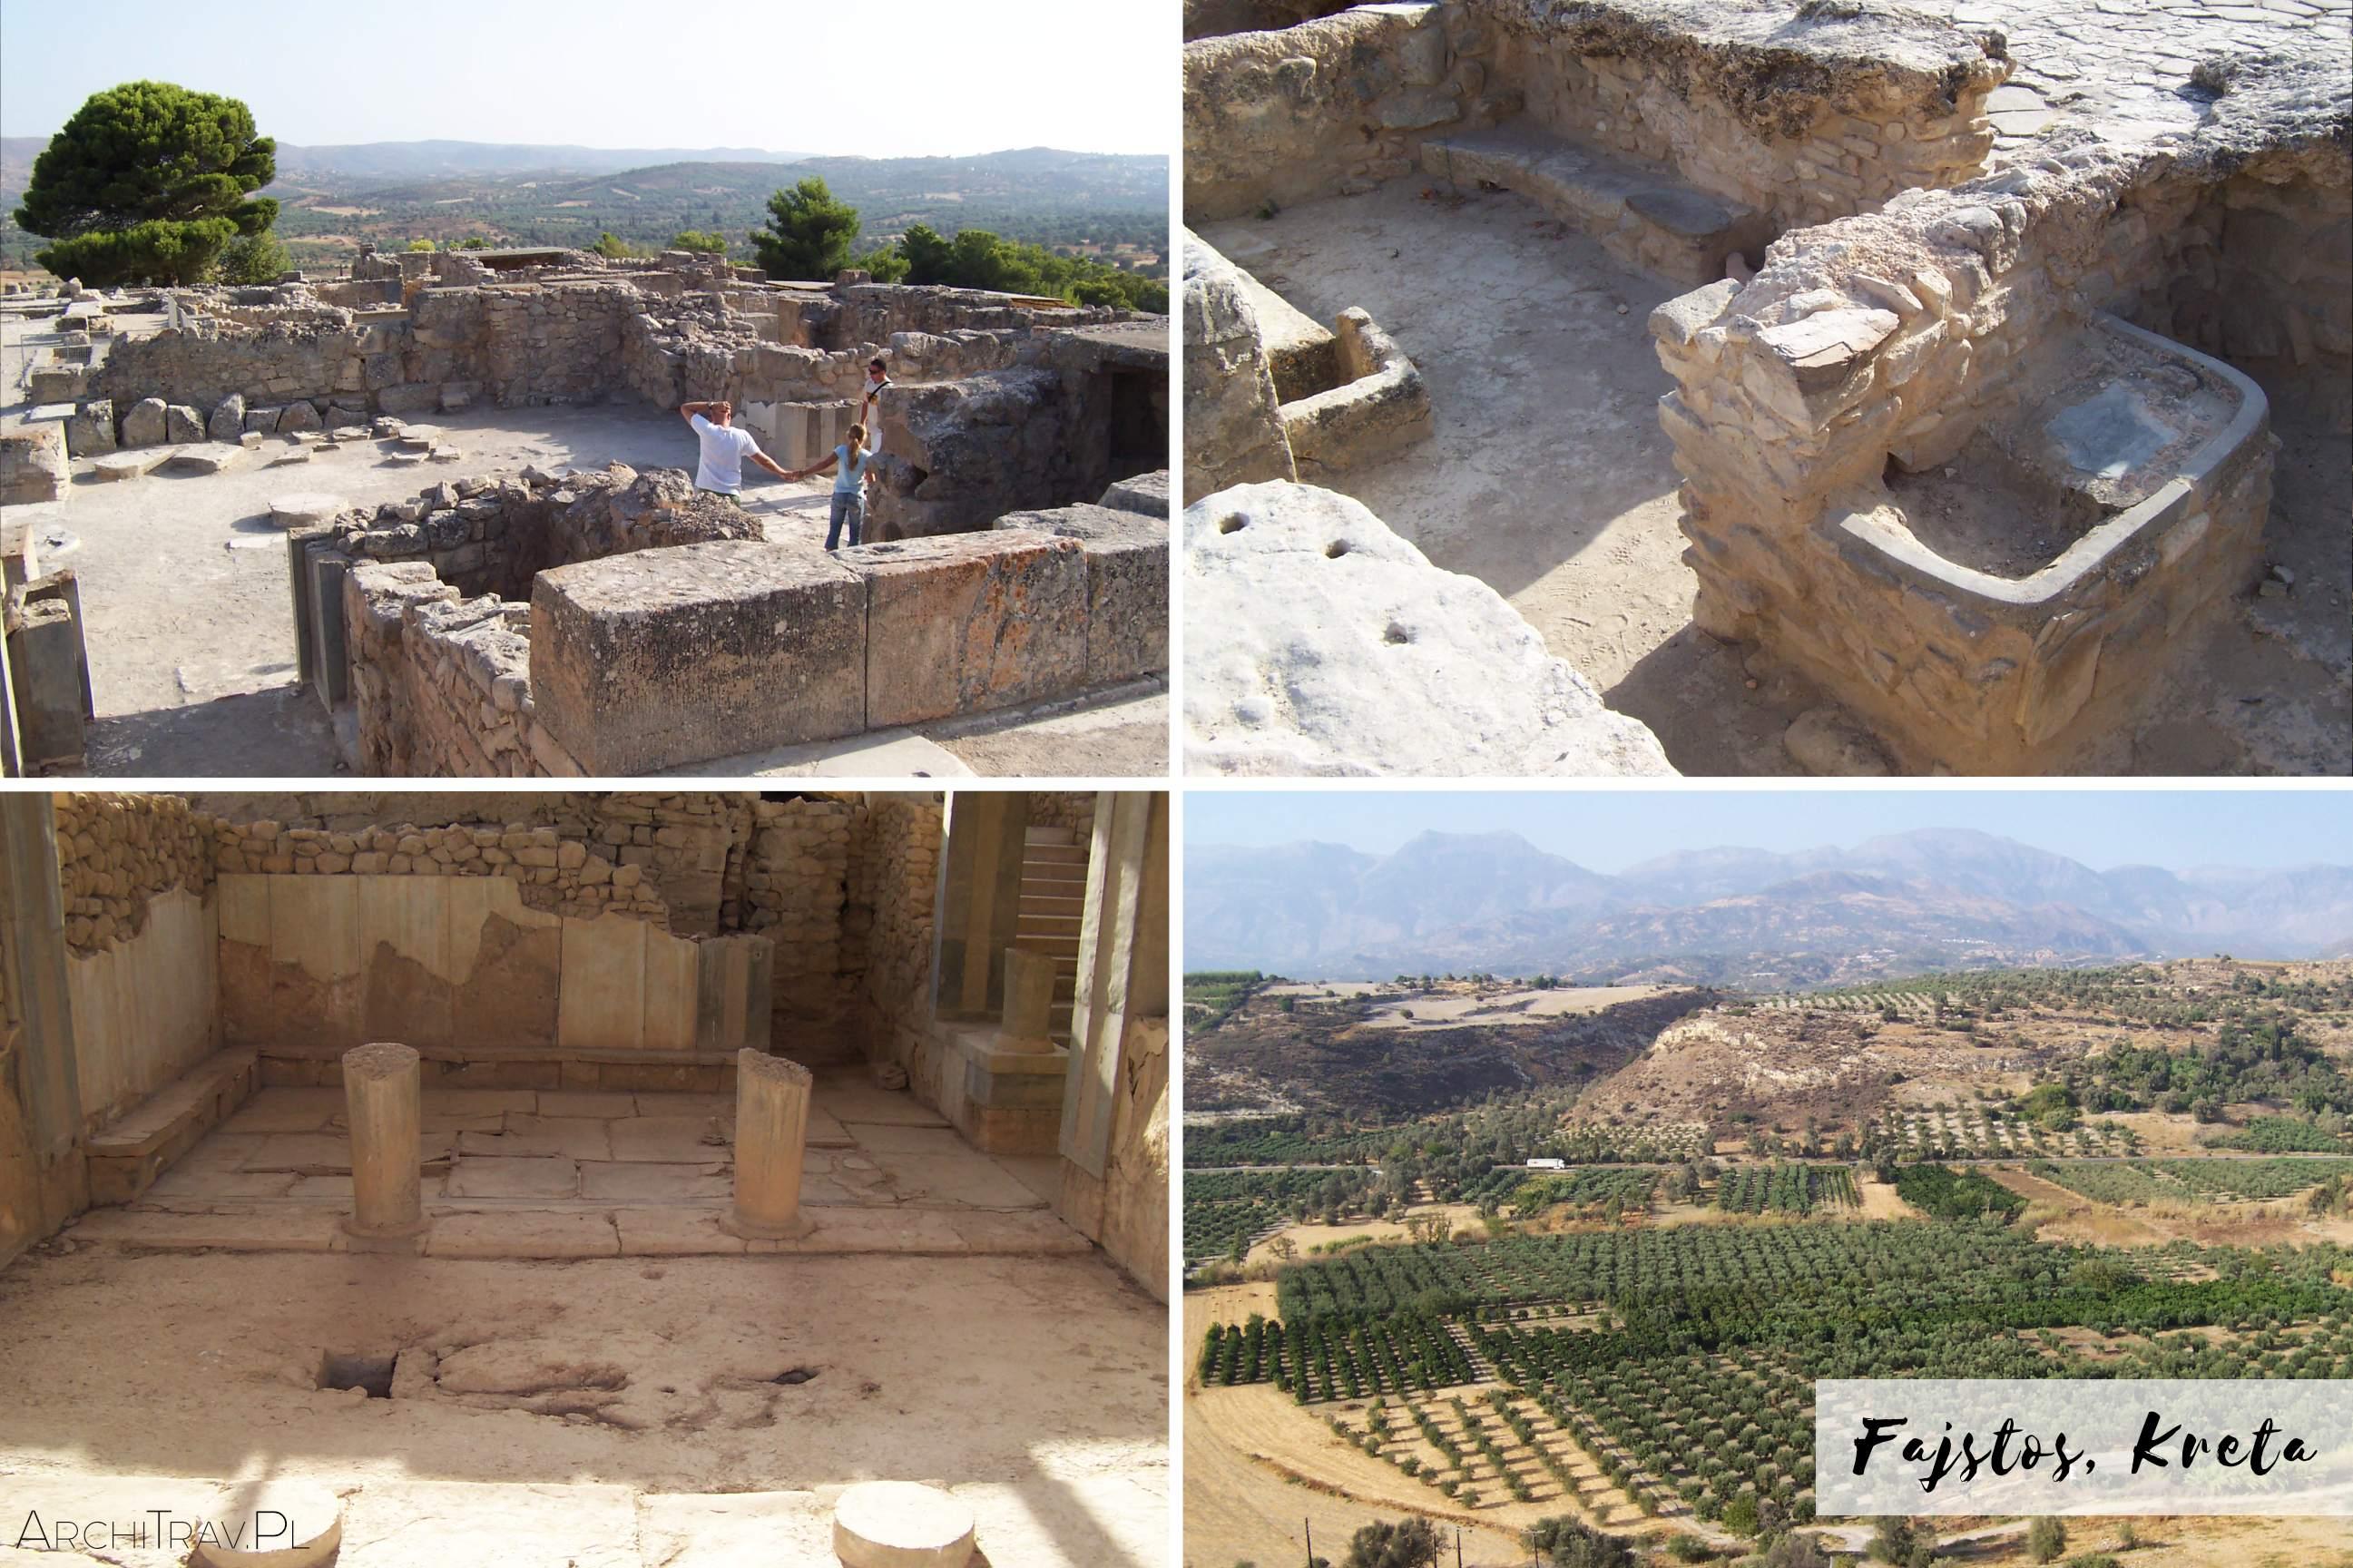 przewodnik po Krecie Fajstos ruiny palacu minojskiego